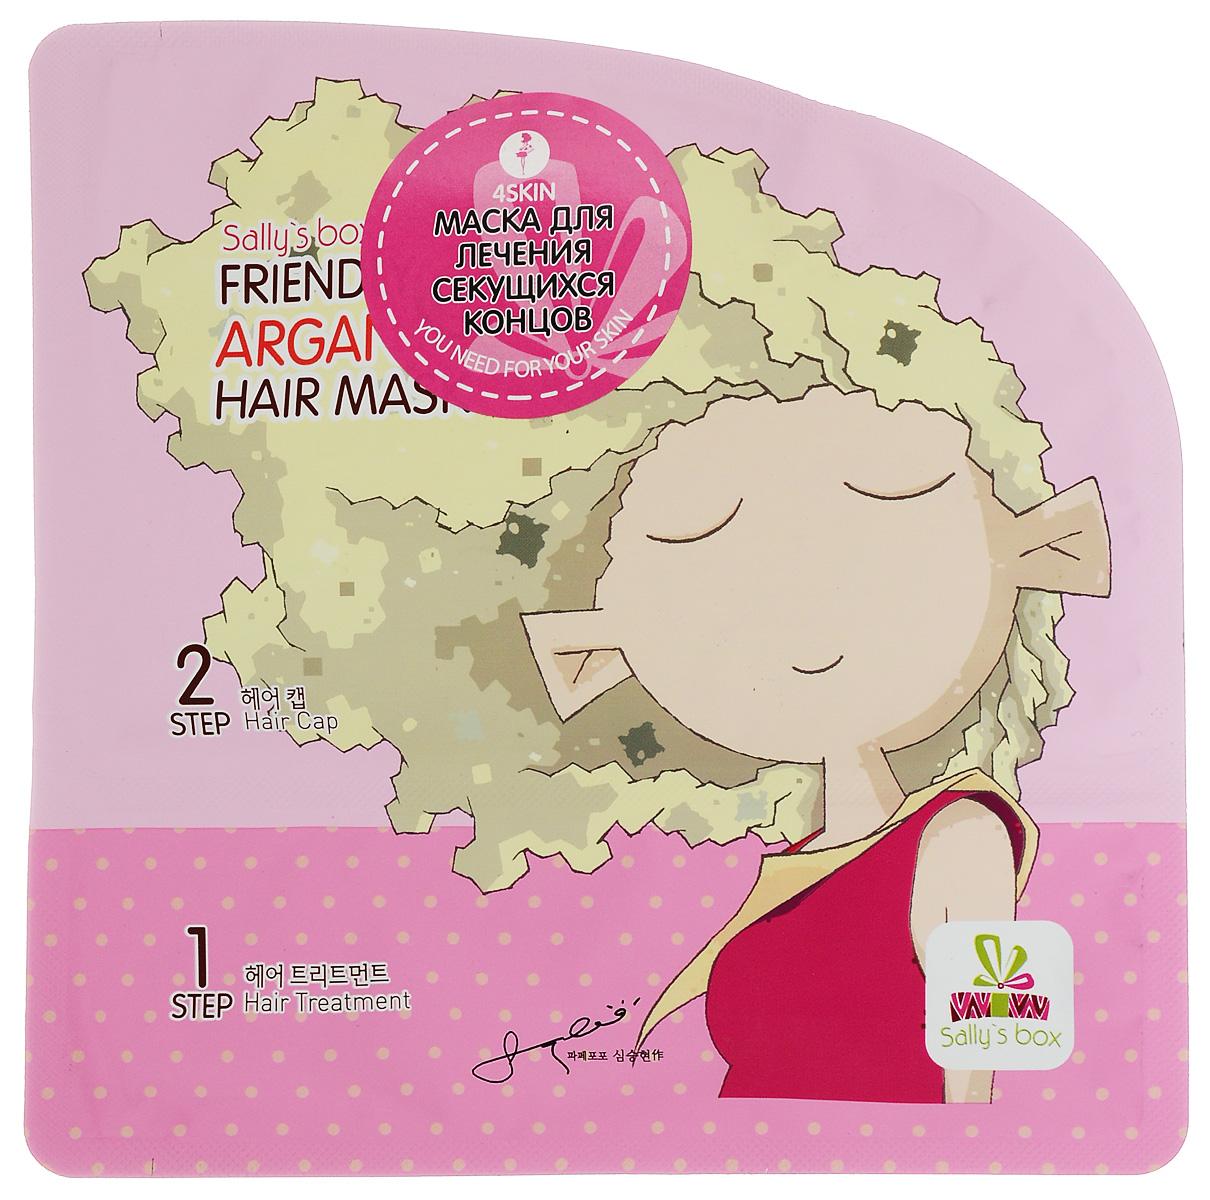 SALLY`S BOX Восстанавливающая маска для волос813365Маска для волос с Аргановым маслом. Масло считается самым дорогим и ценным продуктом в косметологии. Маска состоит из бальзама и отдельно шапочки. Шапочка пропитана специальным лосьоном со множеством натуральных ингредиентов. Ваши волосы приобретут здоровье и красоту. Подходит для восстановления секущихся концов.